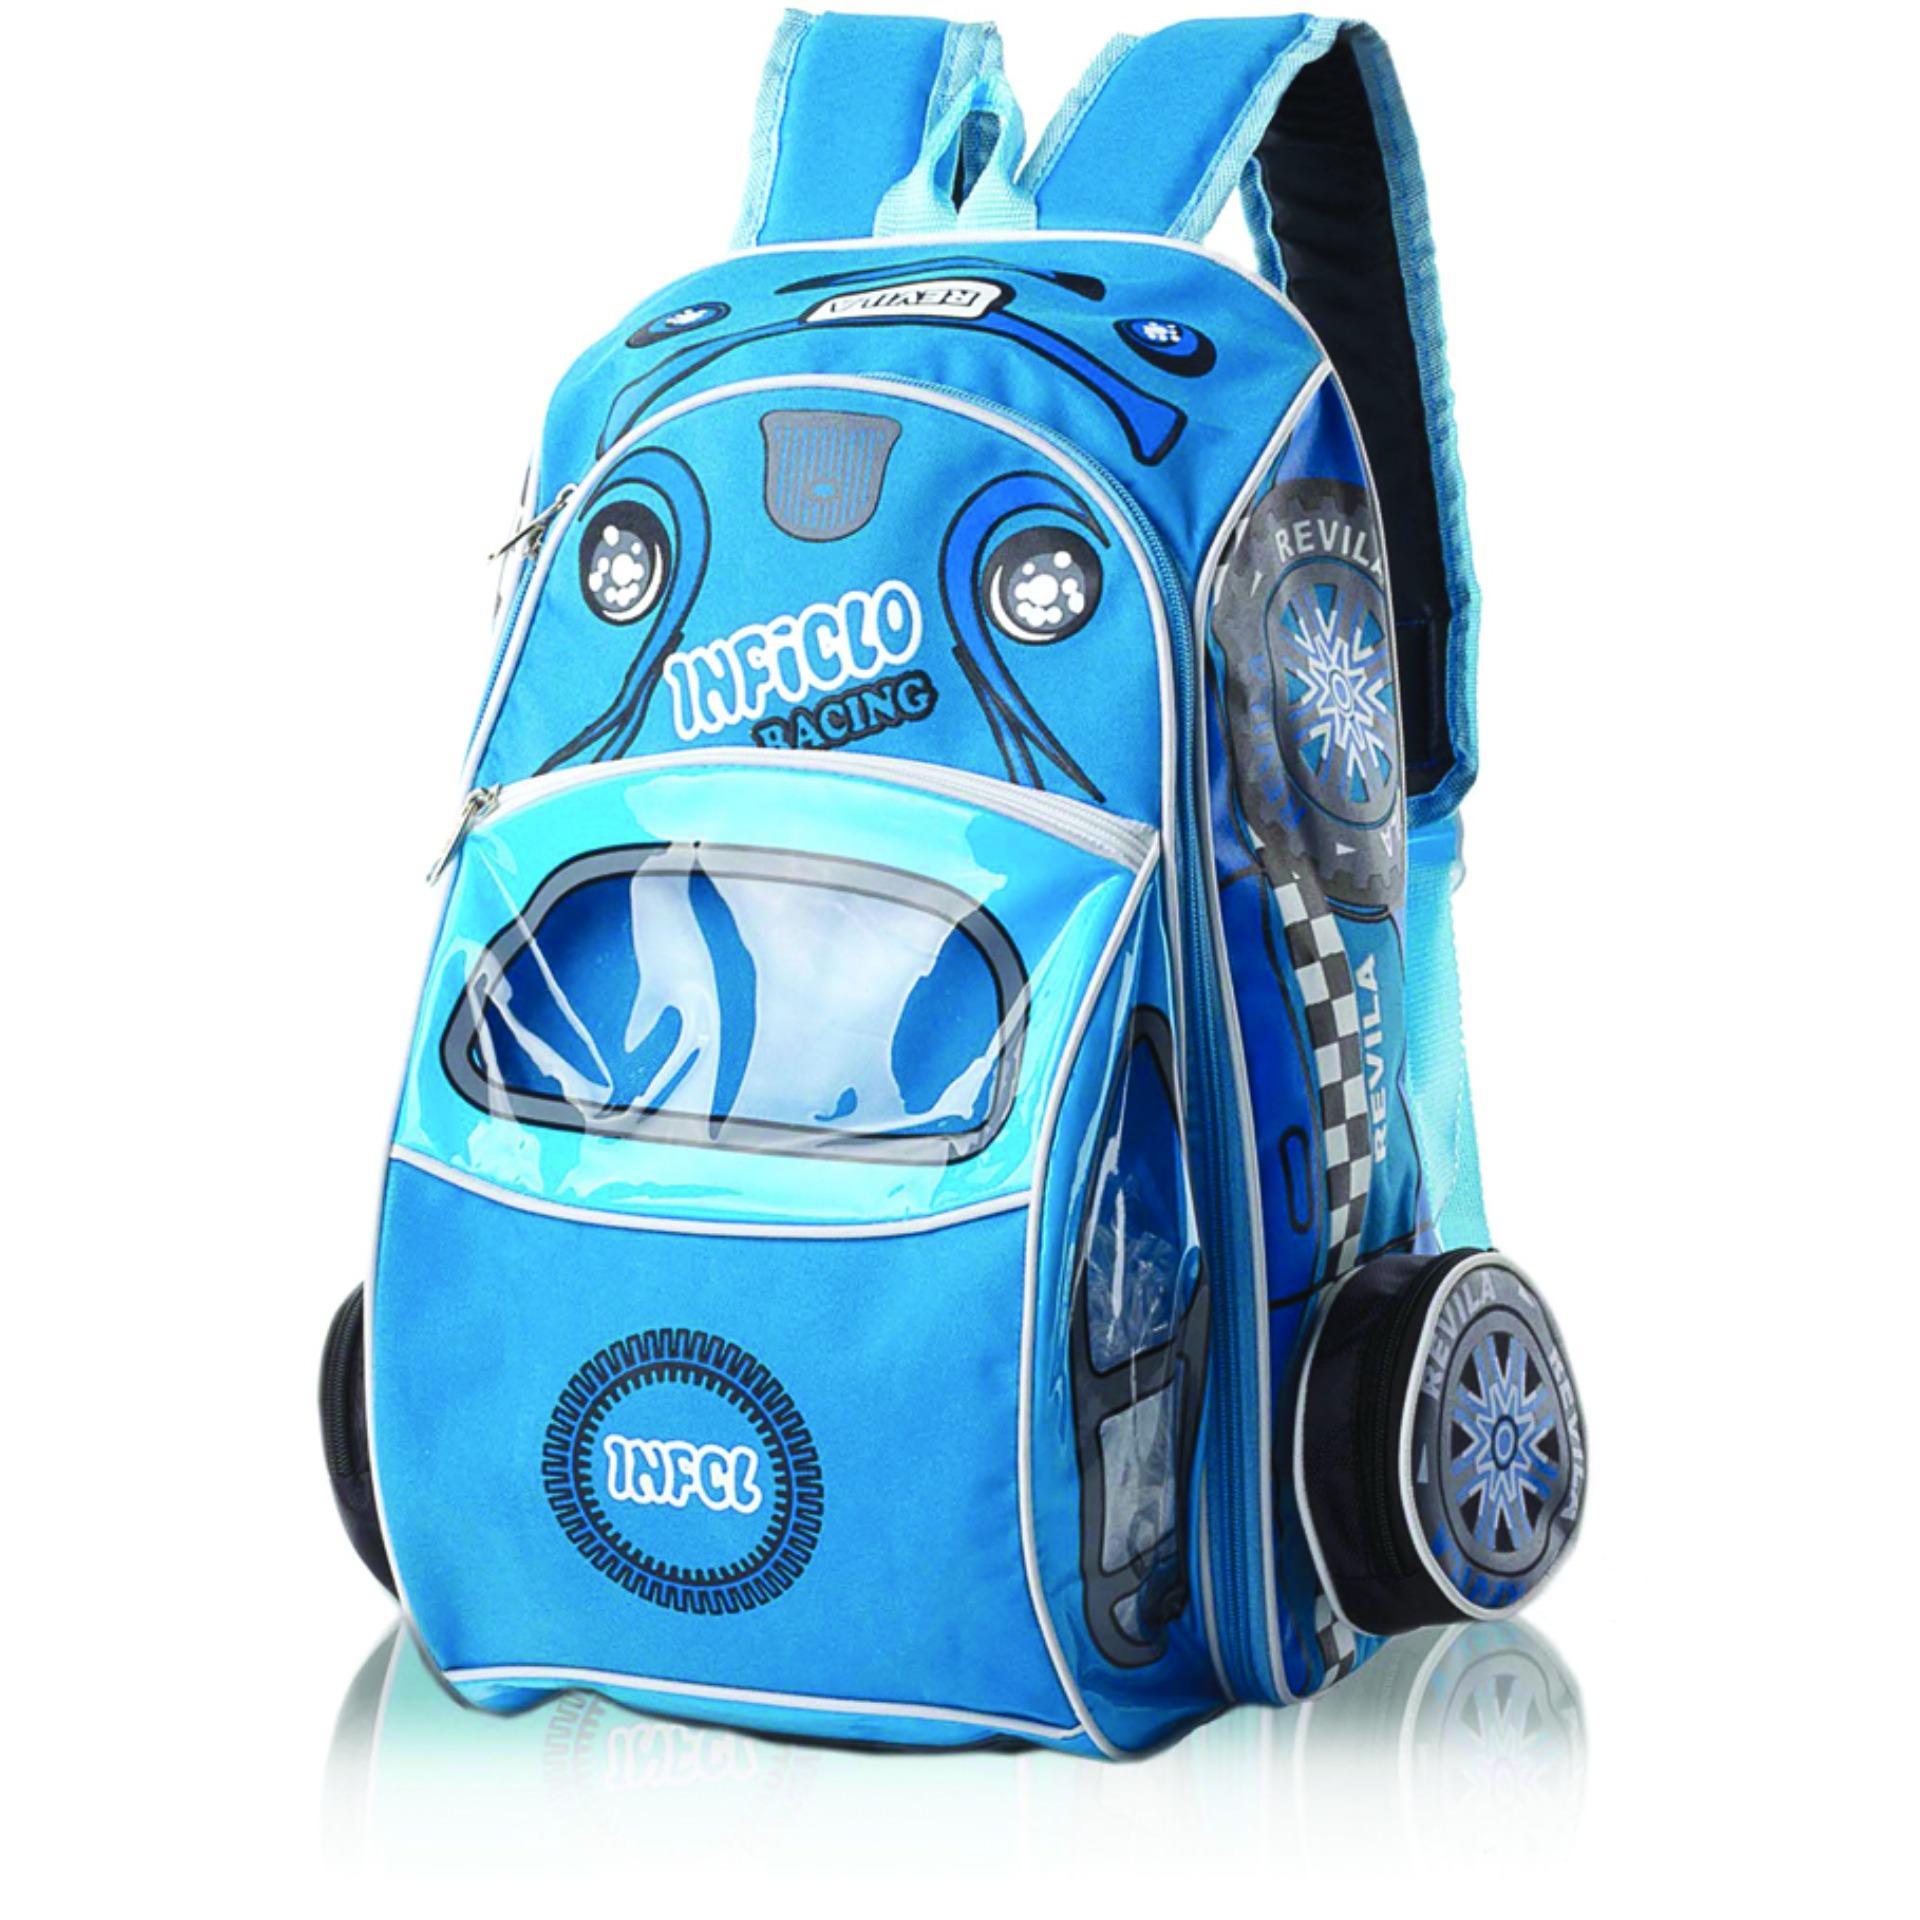 ... Montaza Kids Tas Ransel Mobil Sekolah Anak Laki & Perempuan Karakter Lucu SCP727